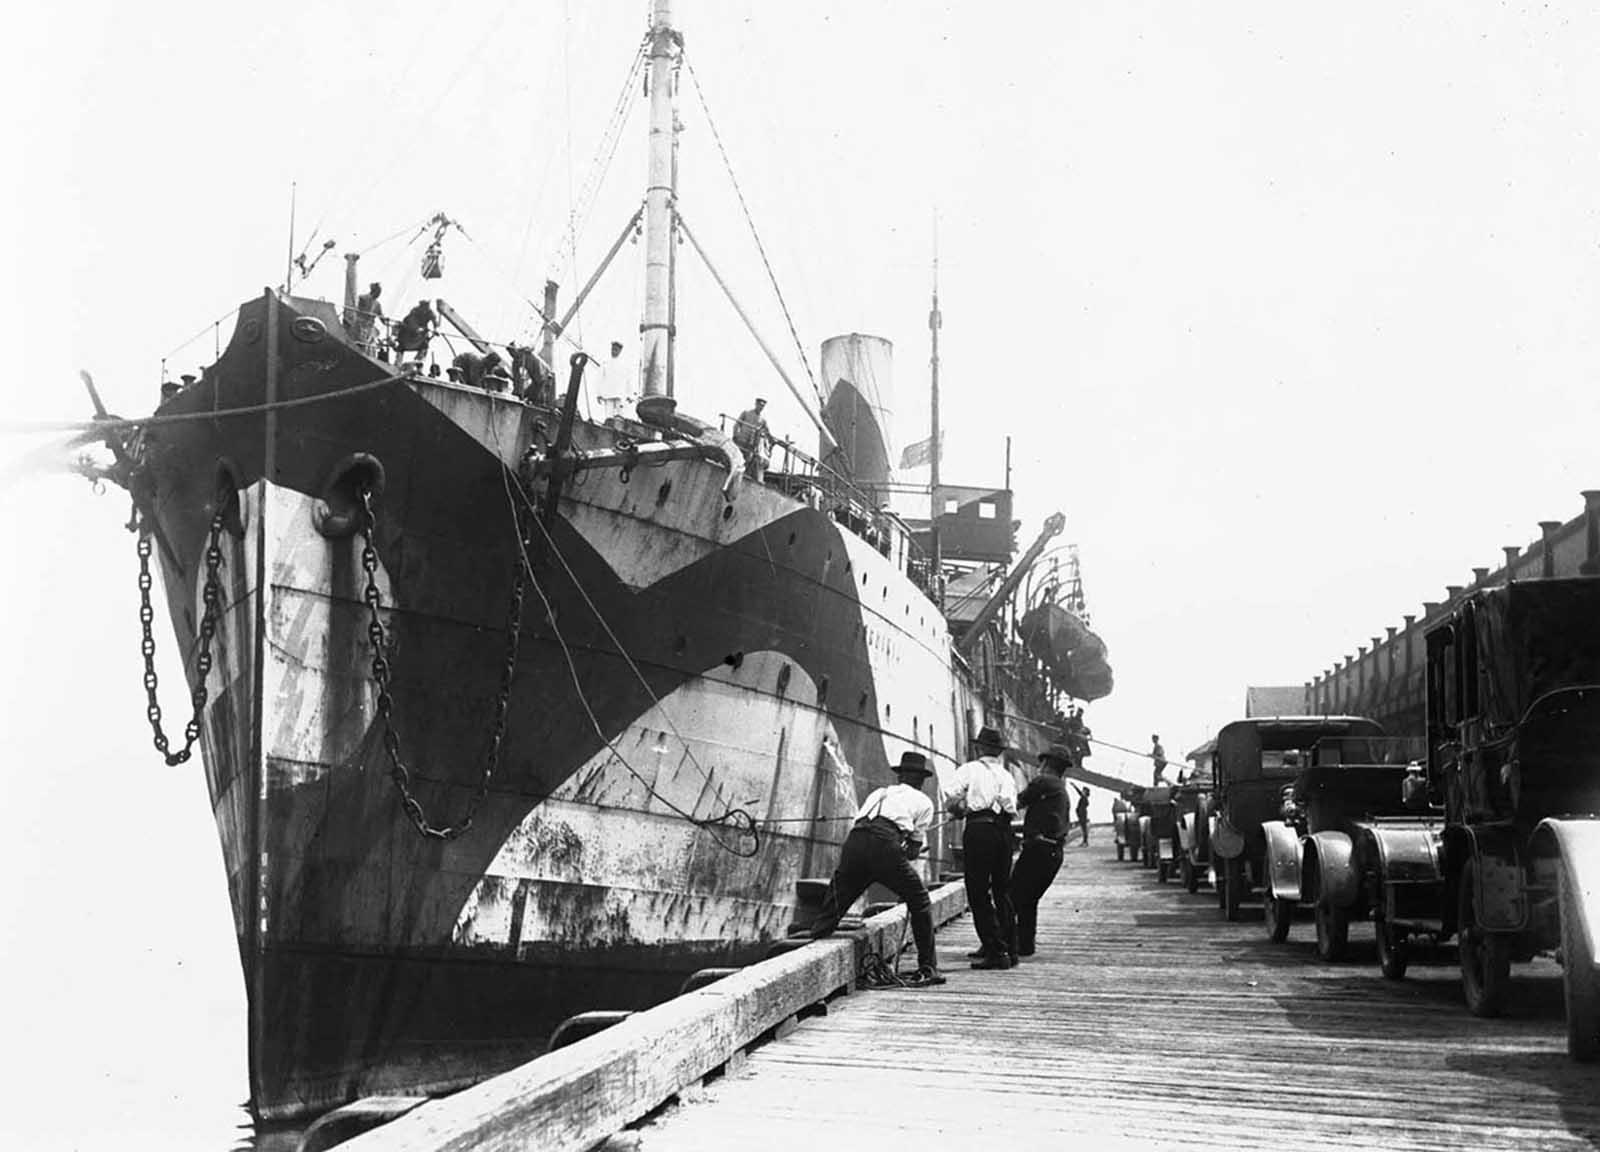 Csapatszállítás Szardínia, elkáprázatos álcázás alatt, egy rakparton az I. világháború idején.